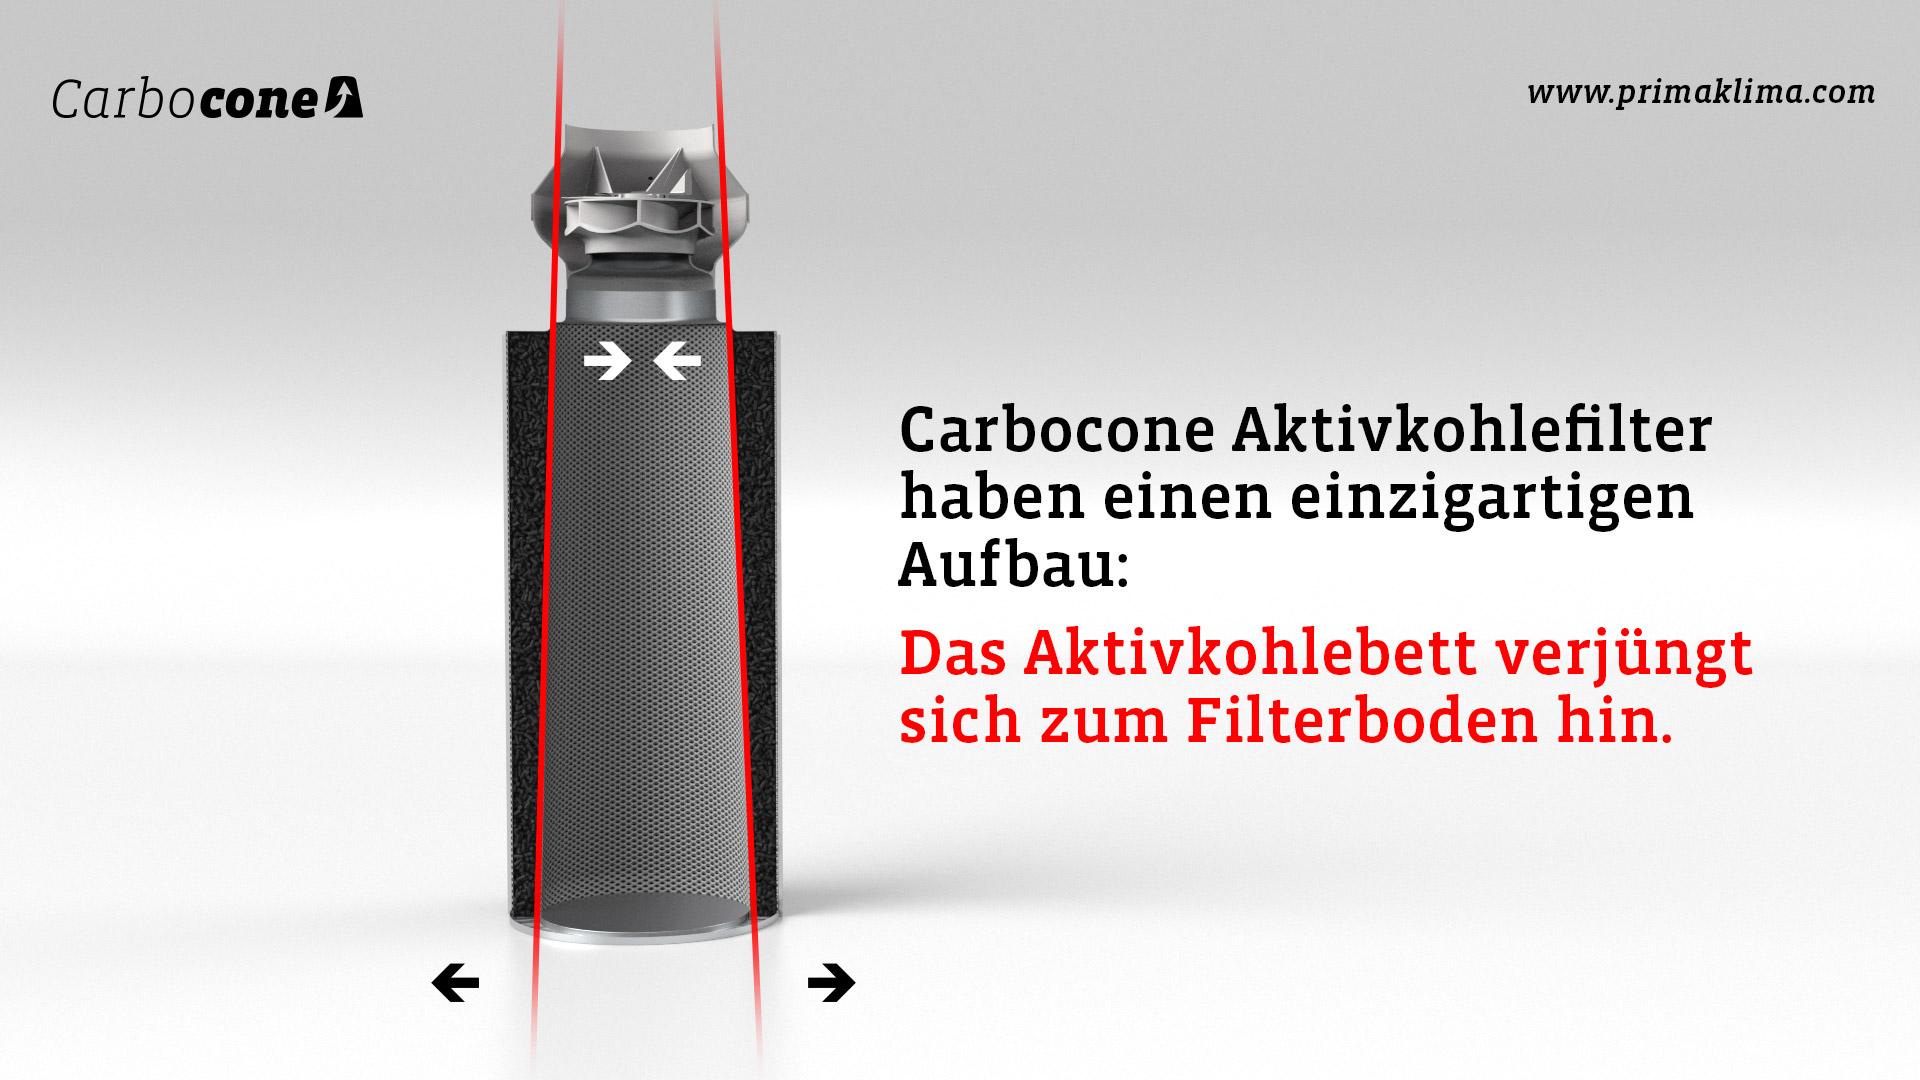 Carbocone_Filter_UniqueFeature_RGB_DE